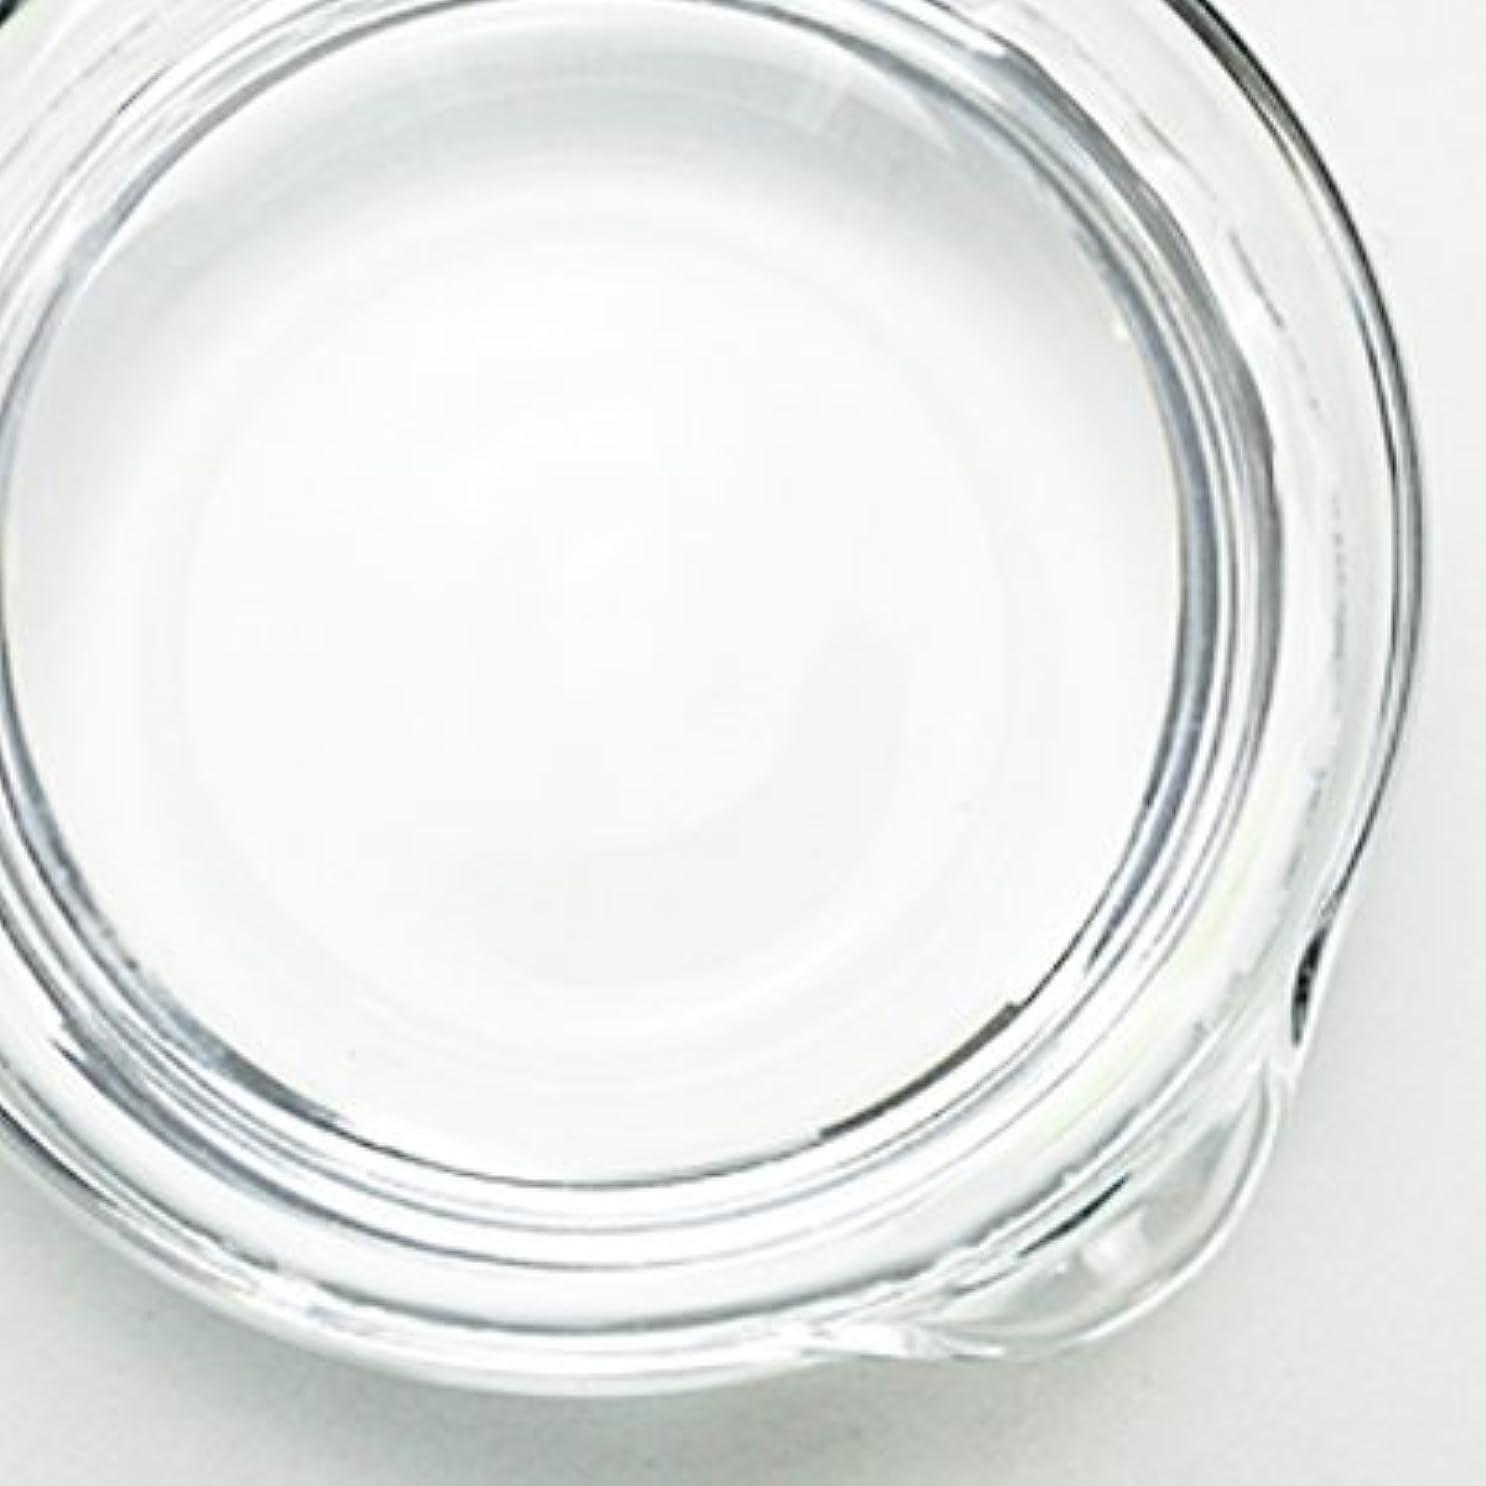 侵入チェスをするマーガレットミッチェル1,3-ブチレングリコール[BG] 100ml 【手作り石鹸/手作りコスメ】